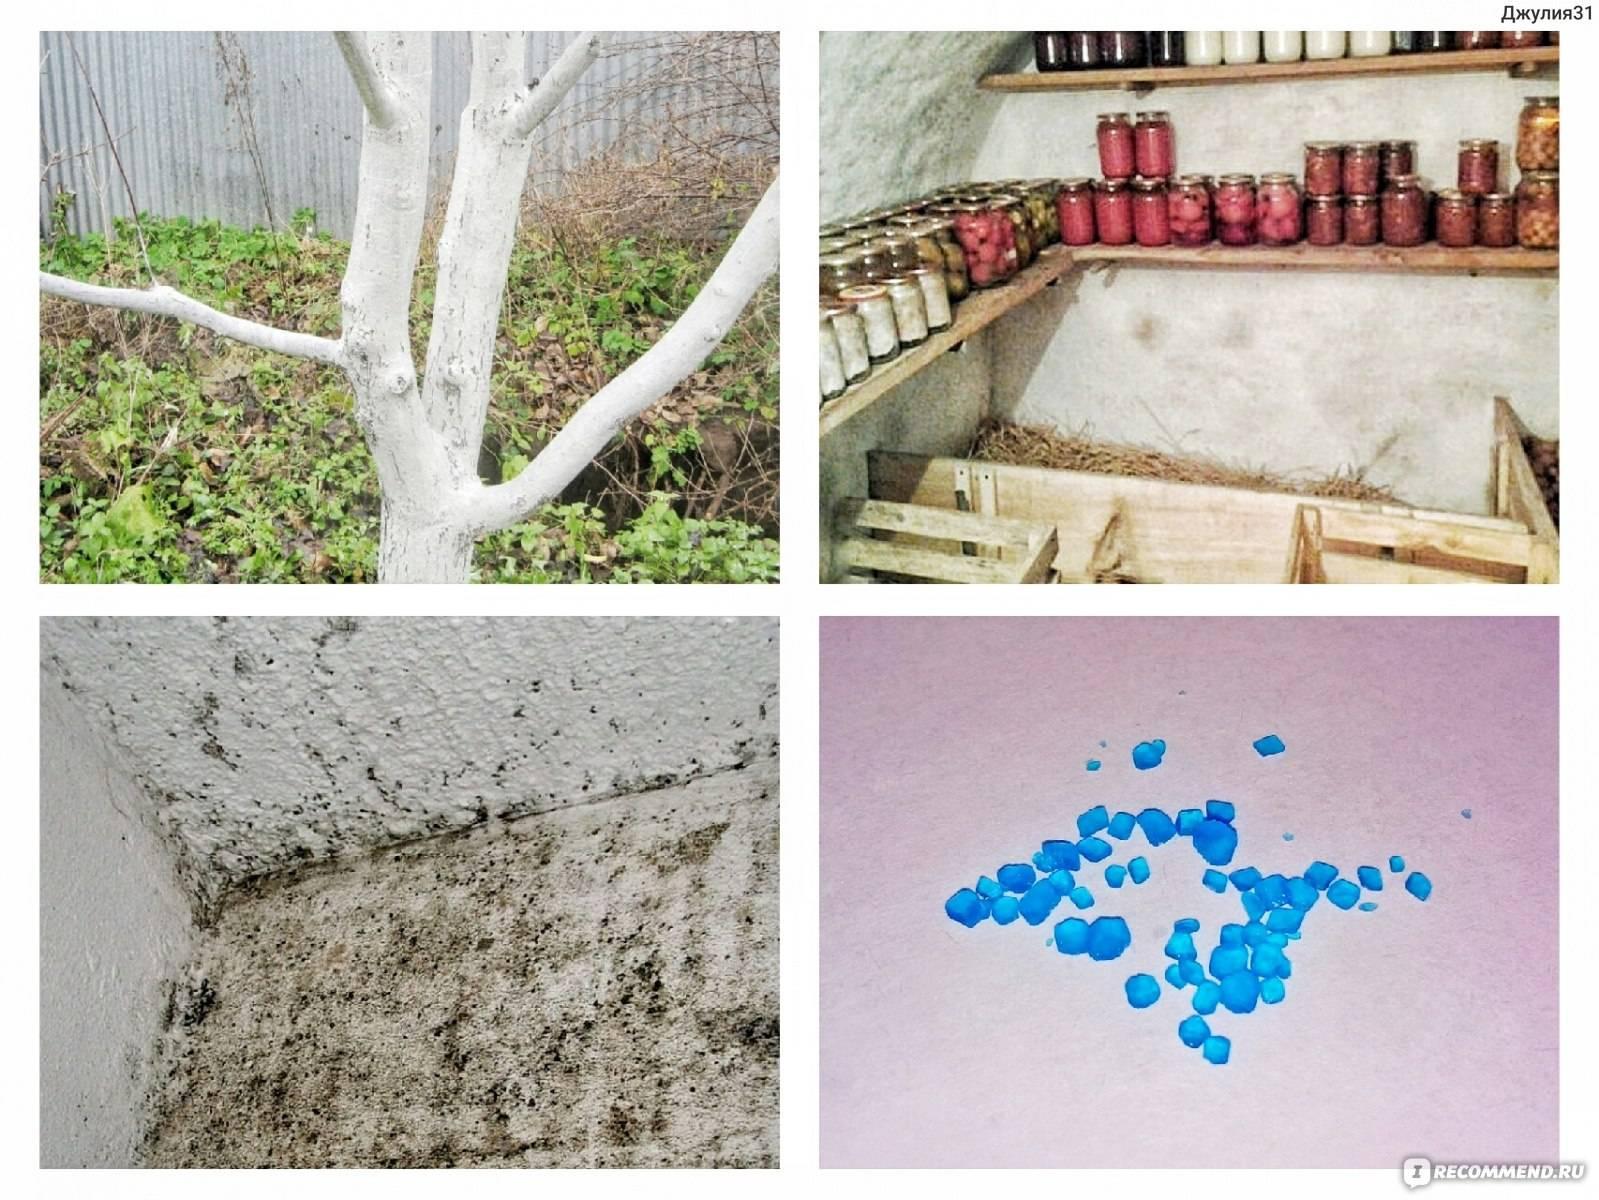 Обработка стен медным купоросом от грибка и плесени